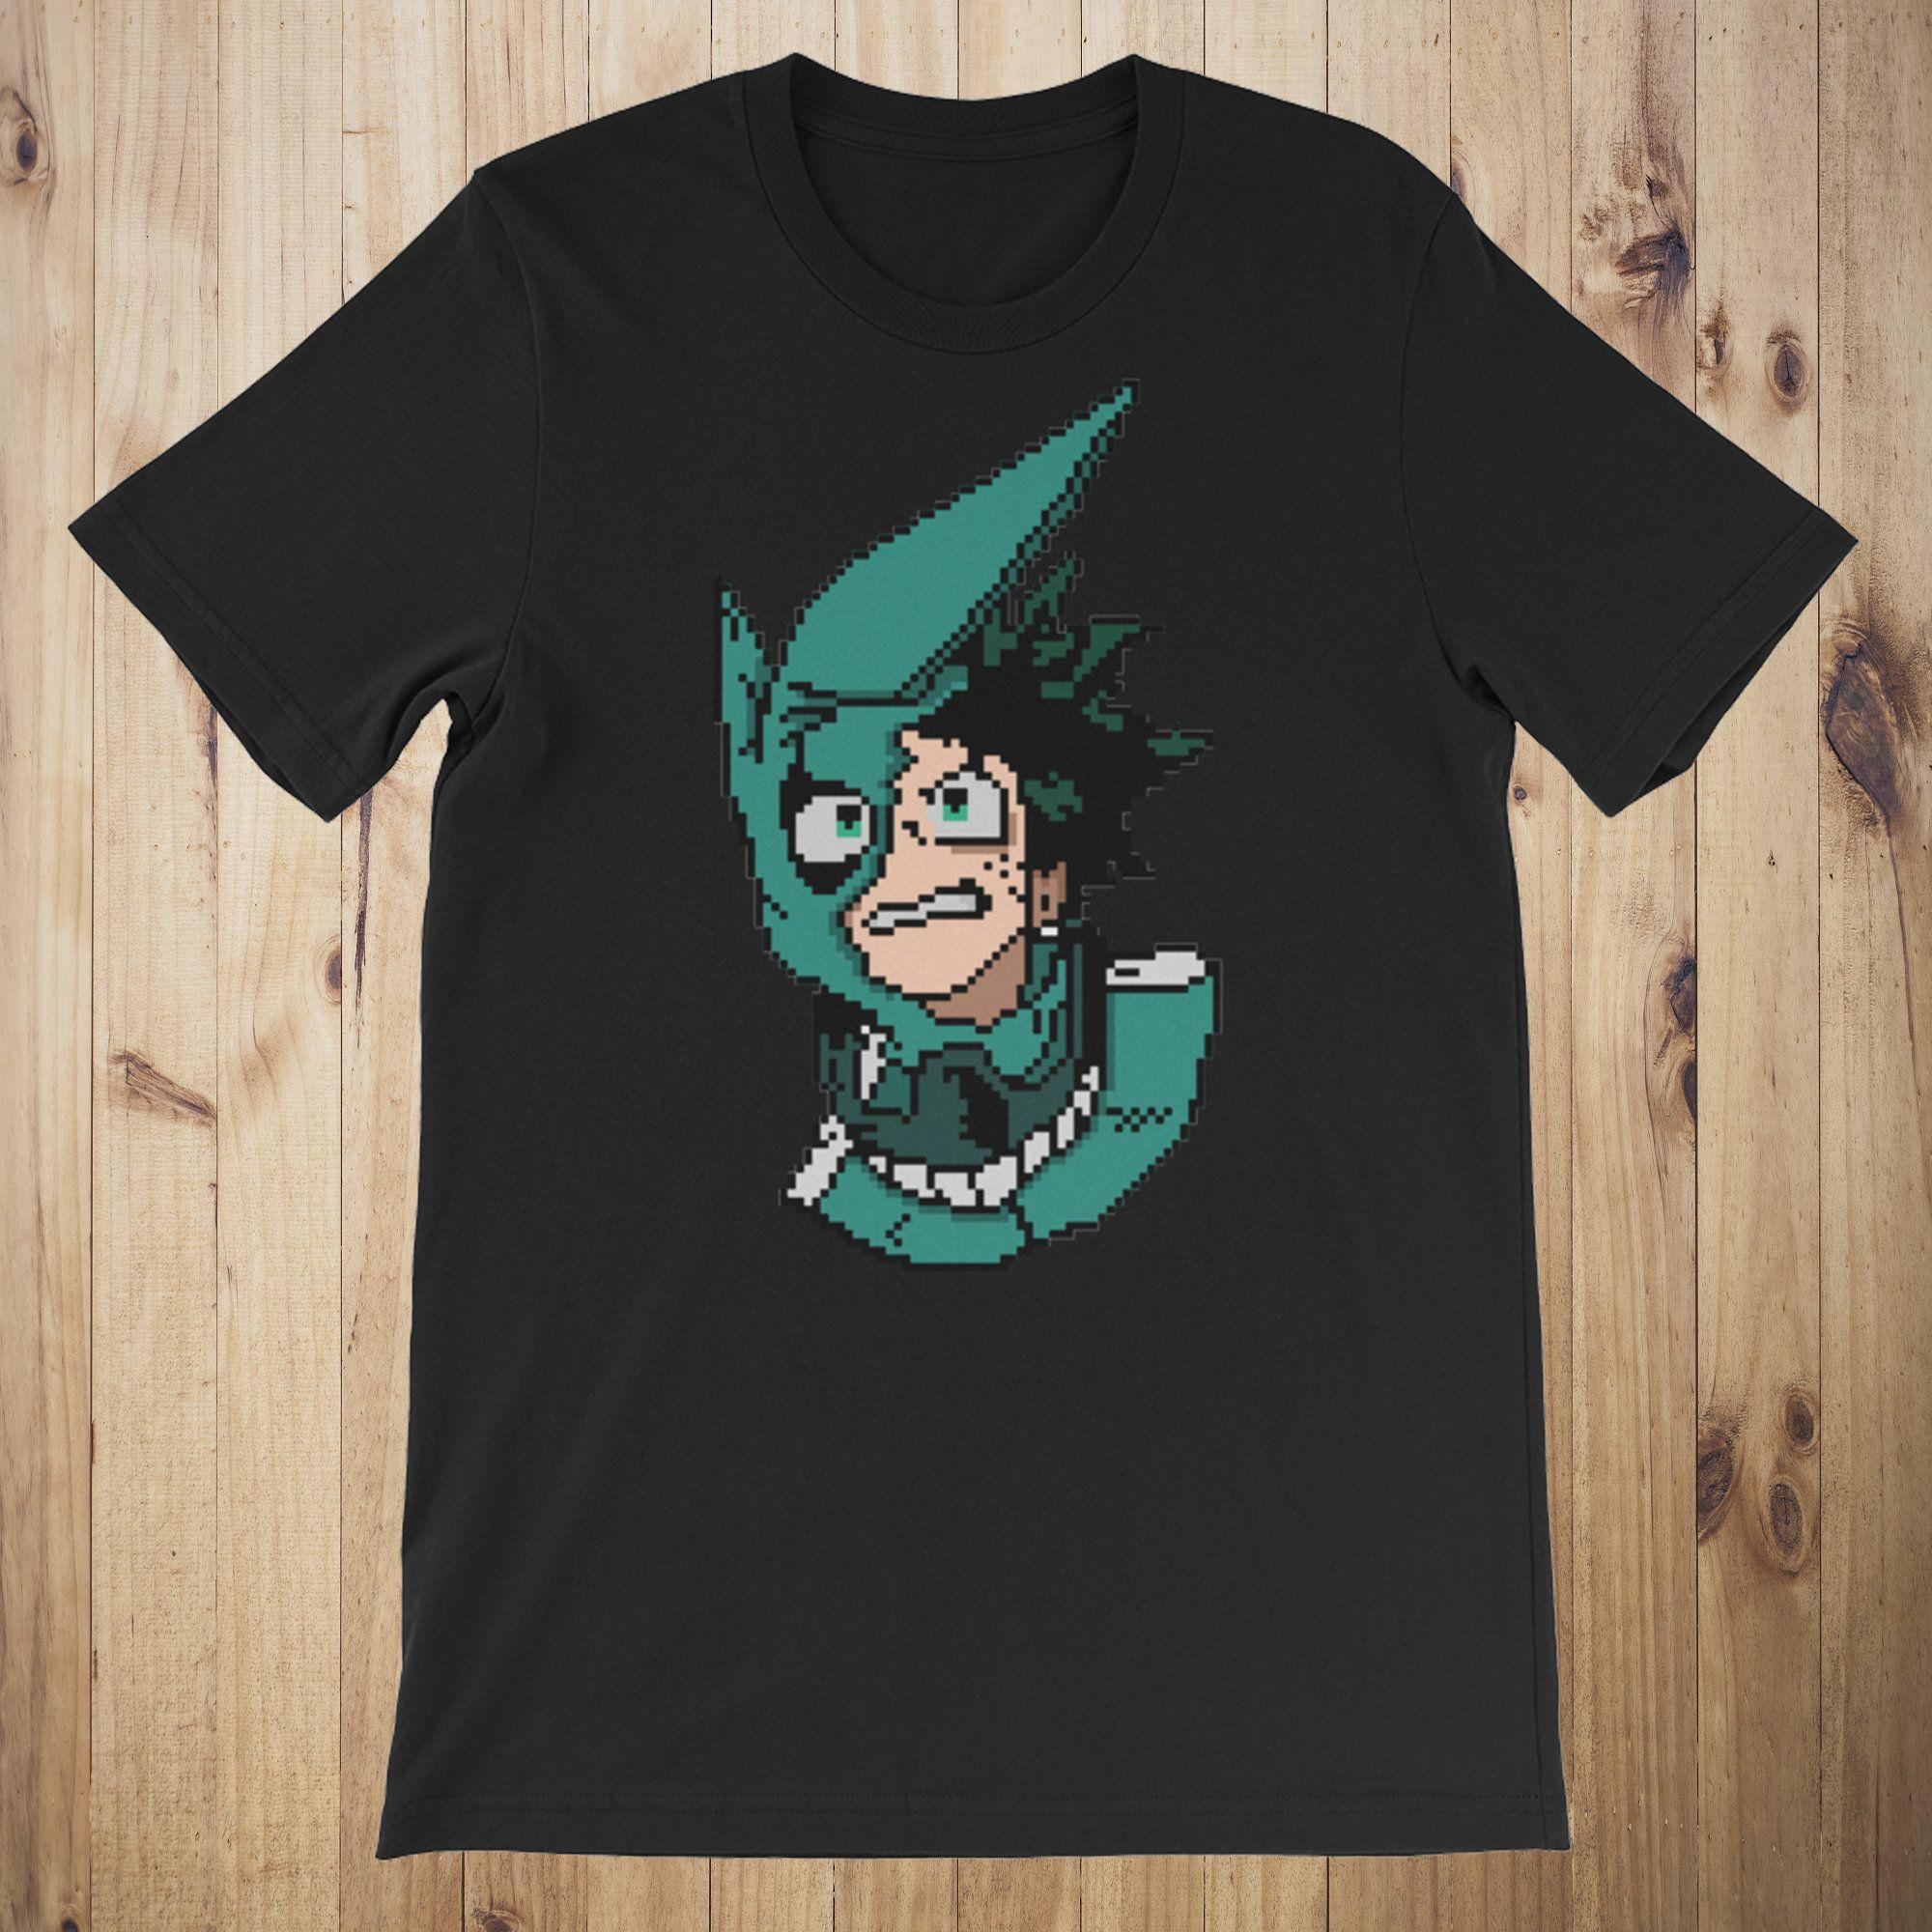 uniqlo anime shirts singapore